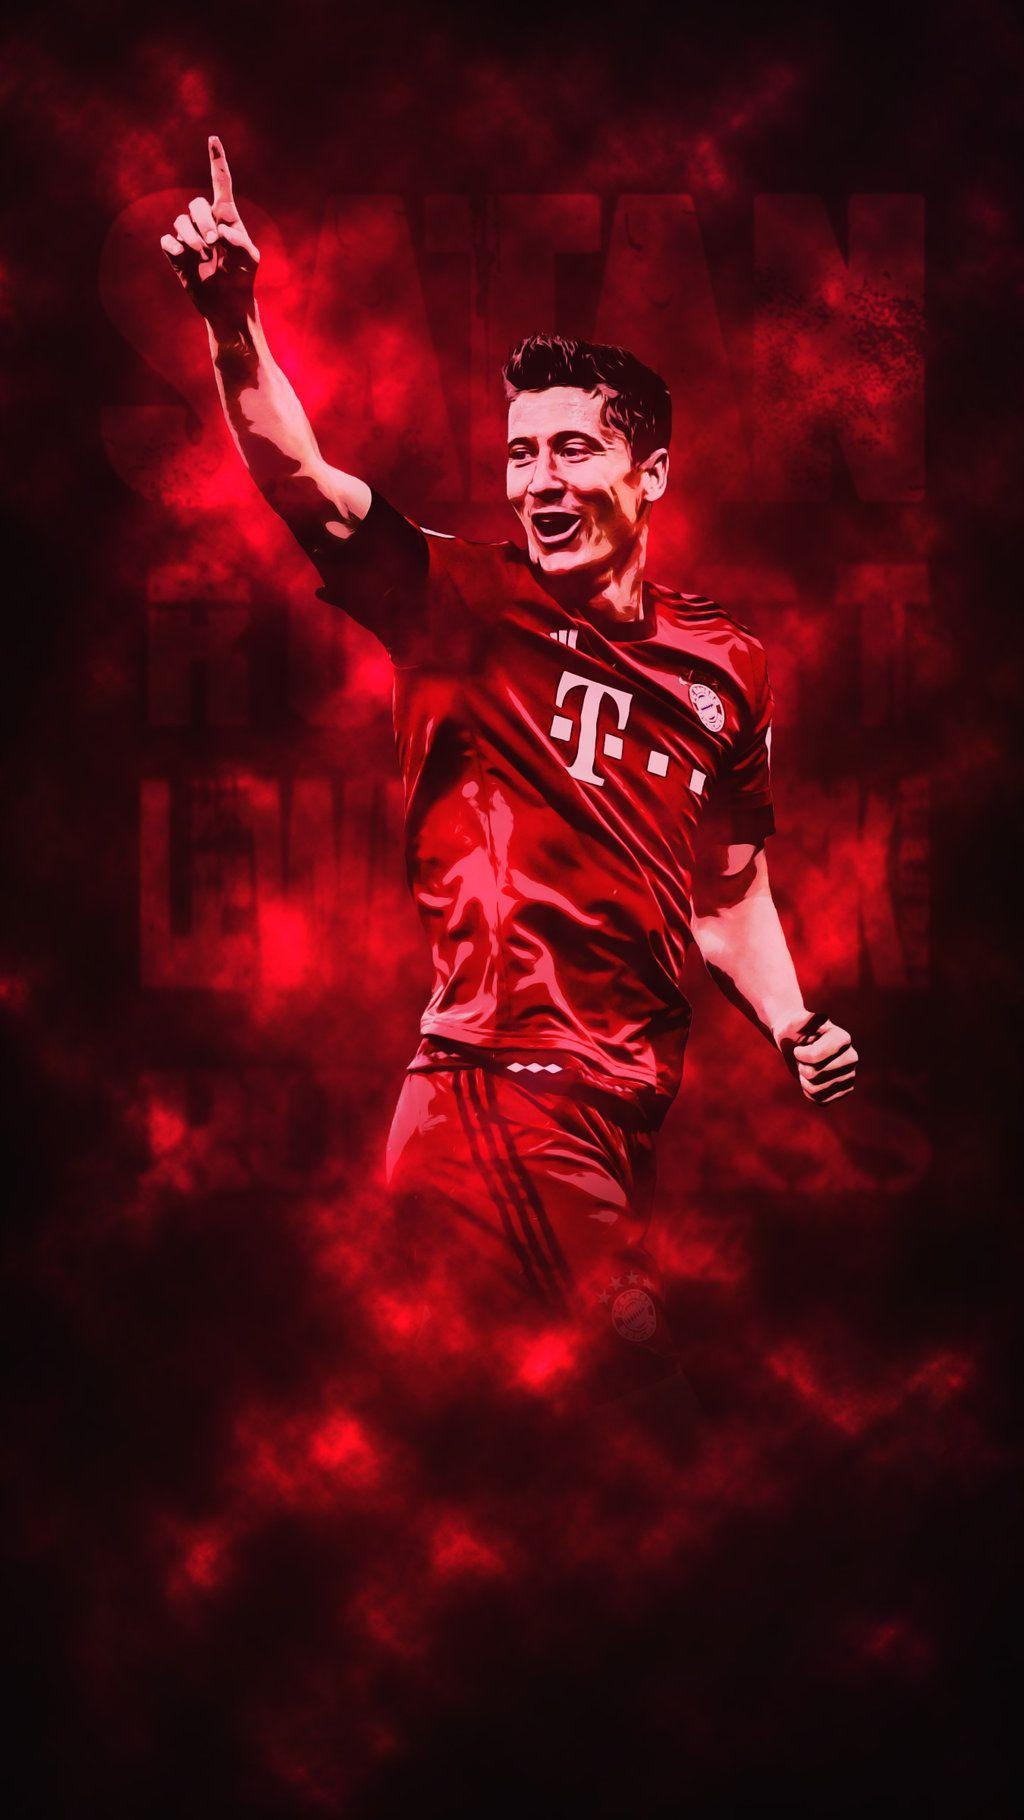 Messi Full Hd Wallpaper Lewandowski Wallpapers Wallpaper Cave